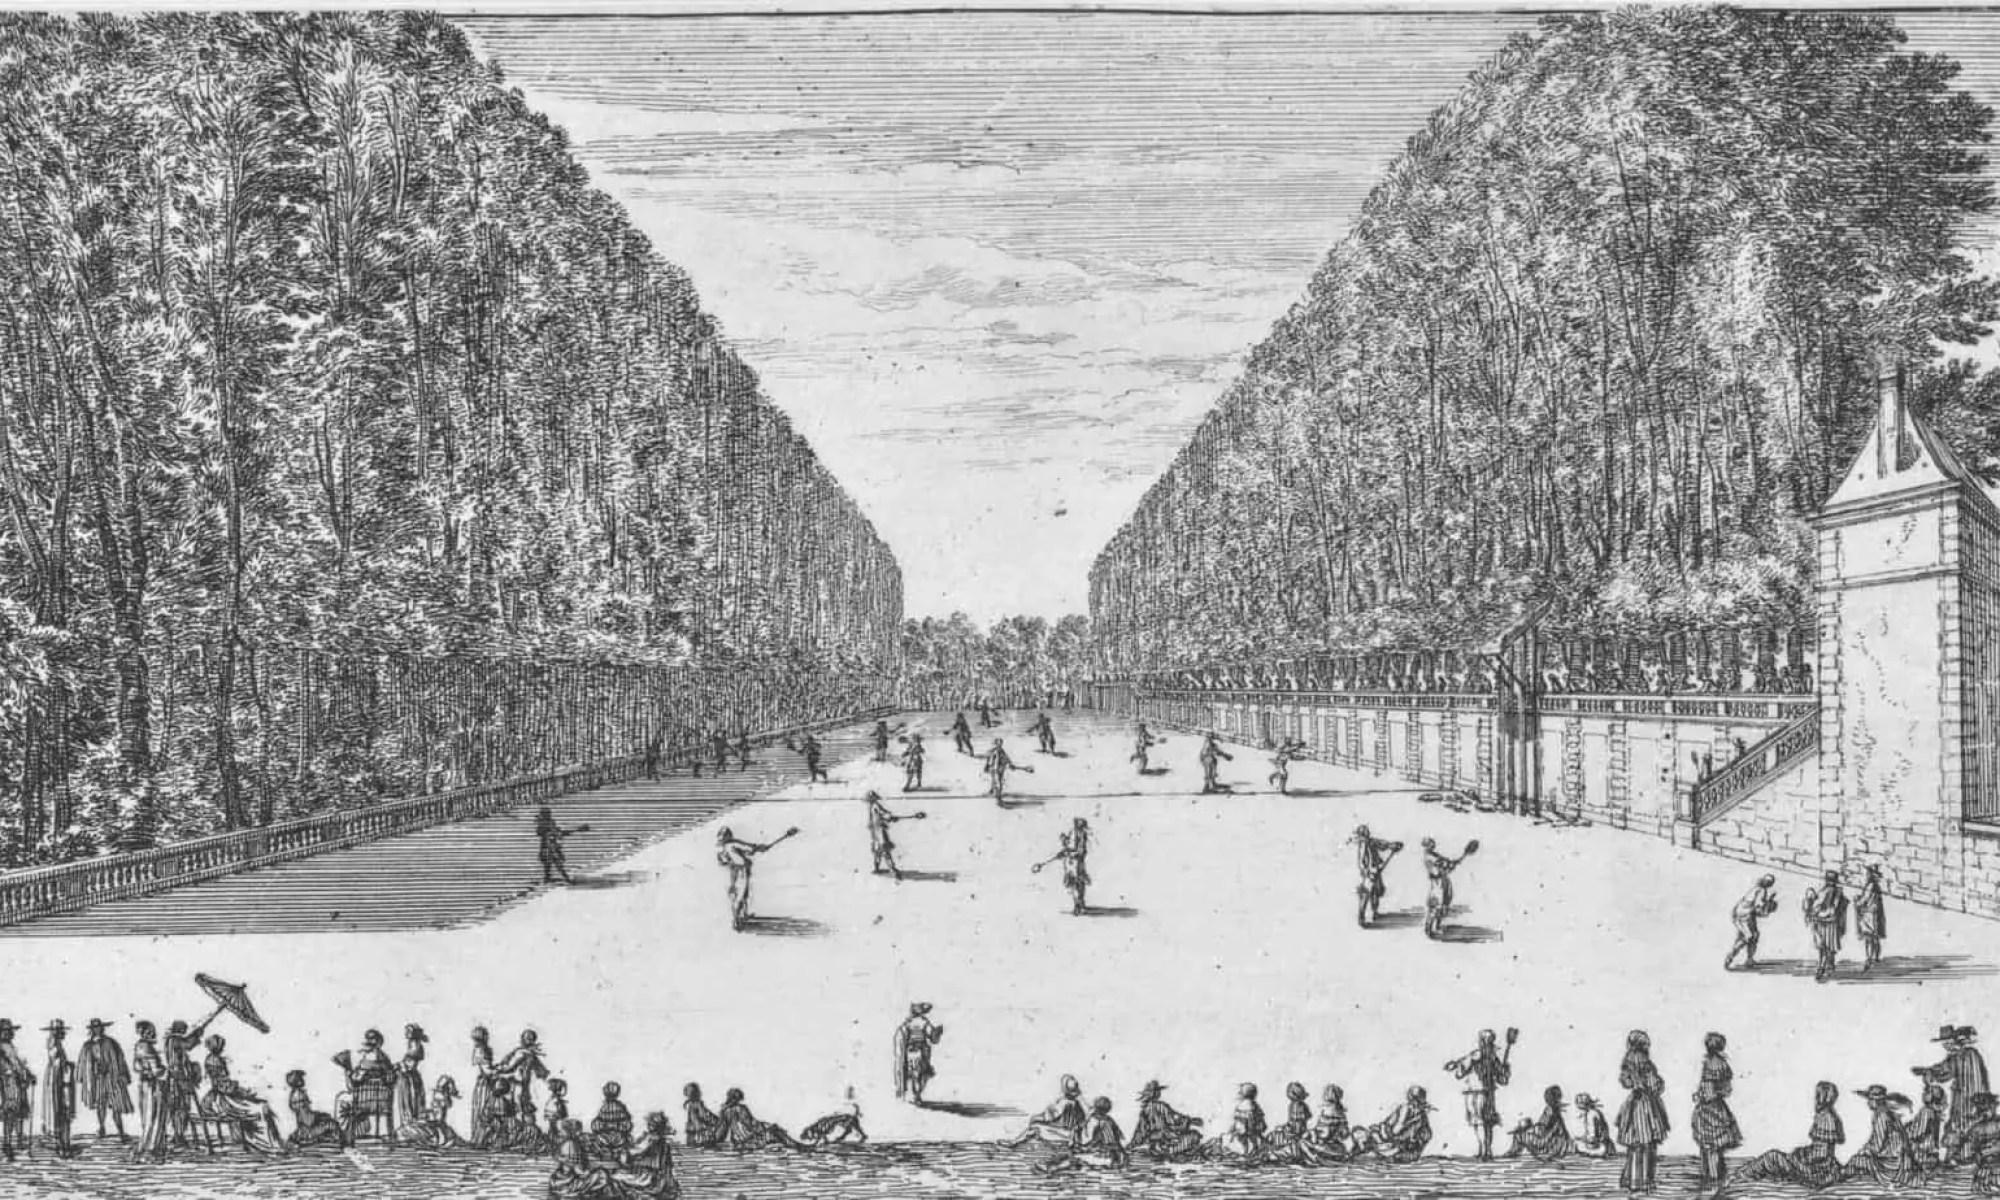 Tenniswedstrijd met toeschouwers bij kasteel Rochefoucauld, Israël Silvestre, 1656